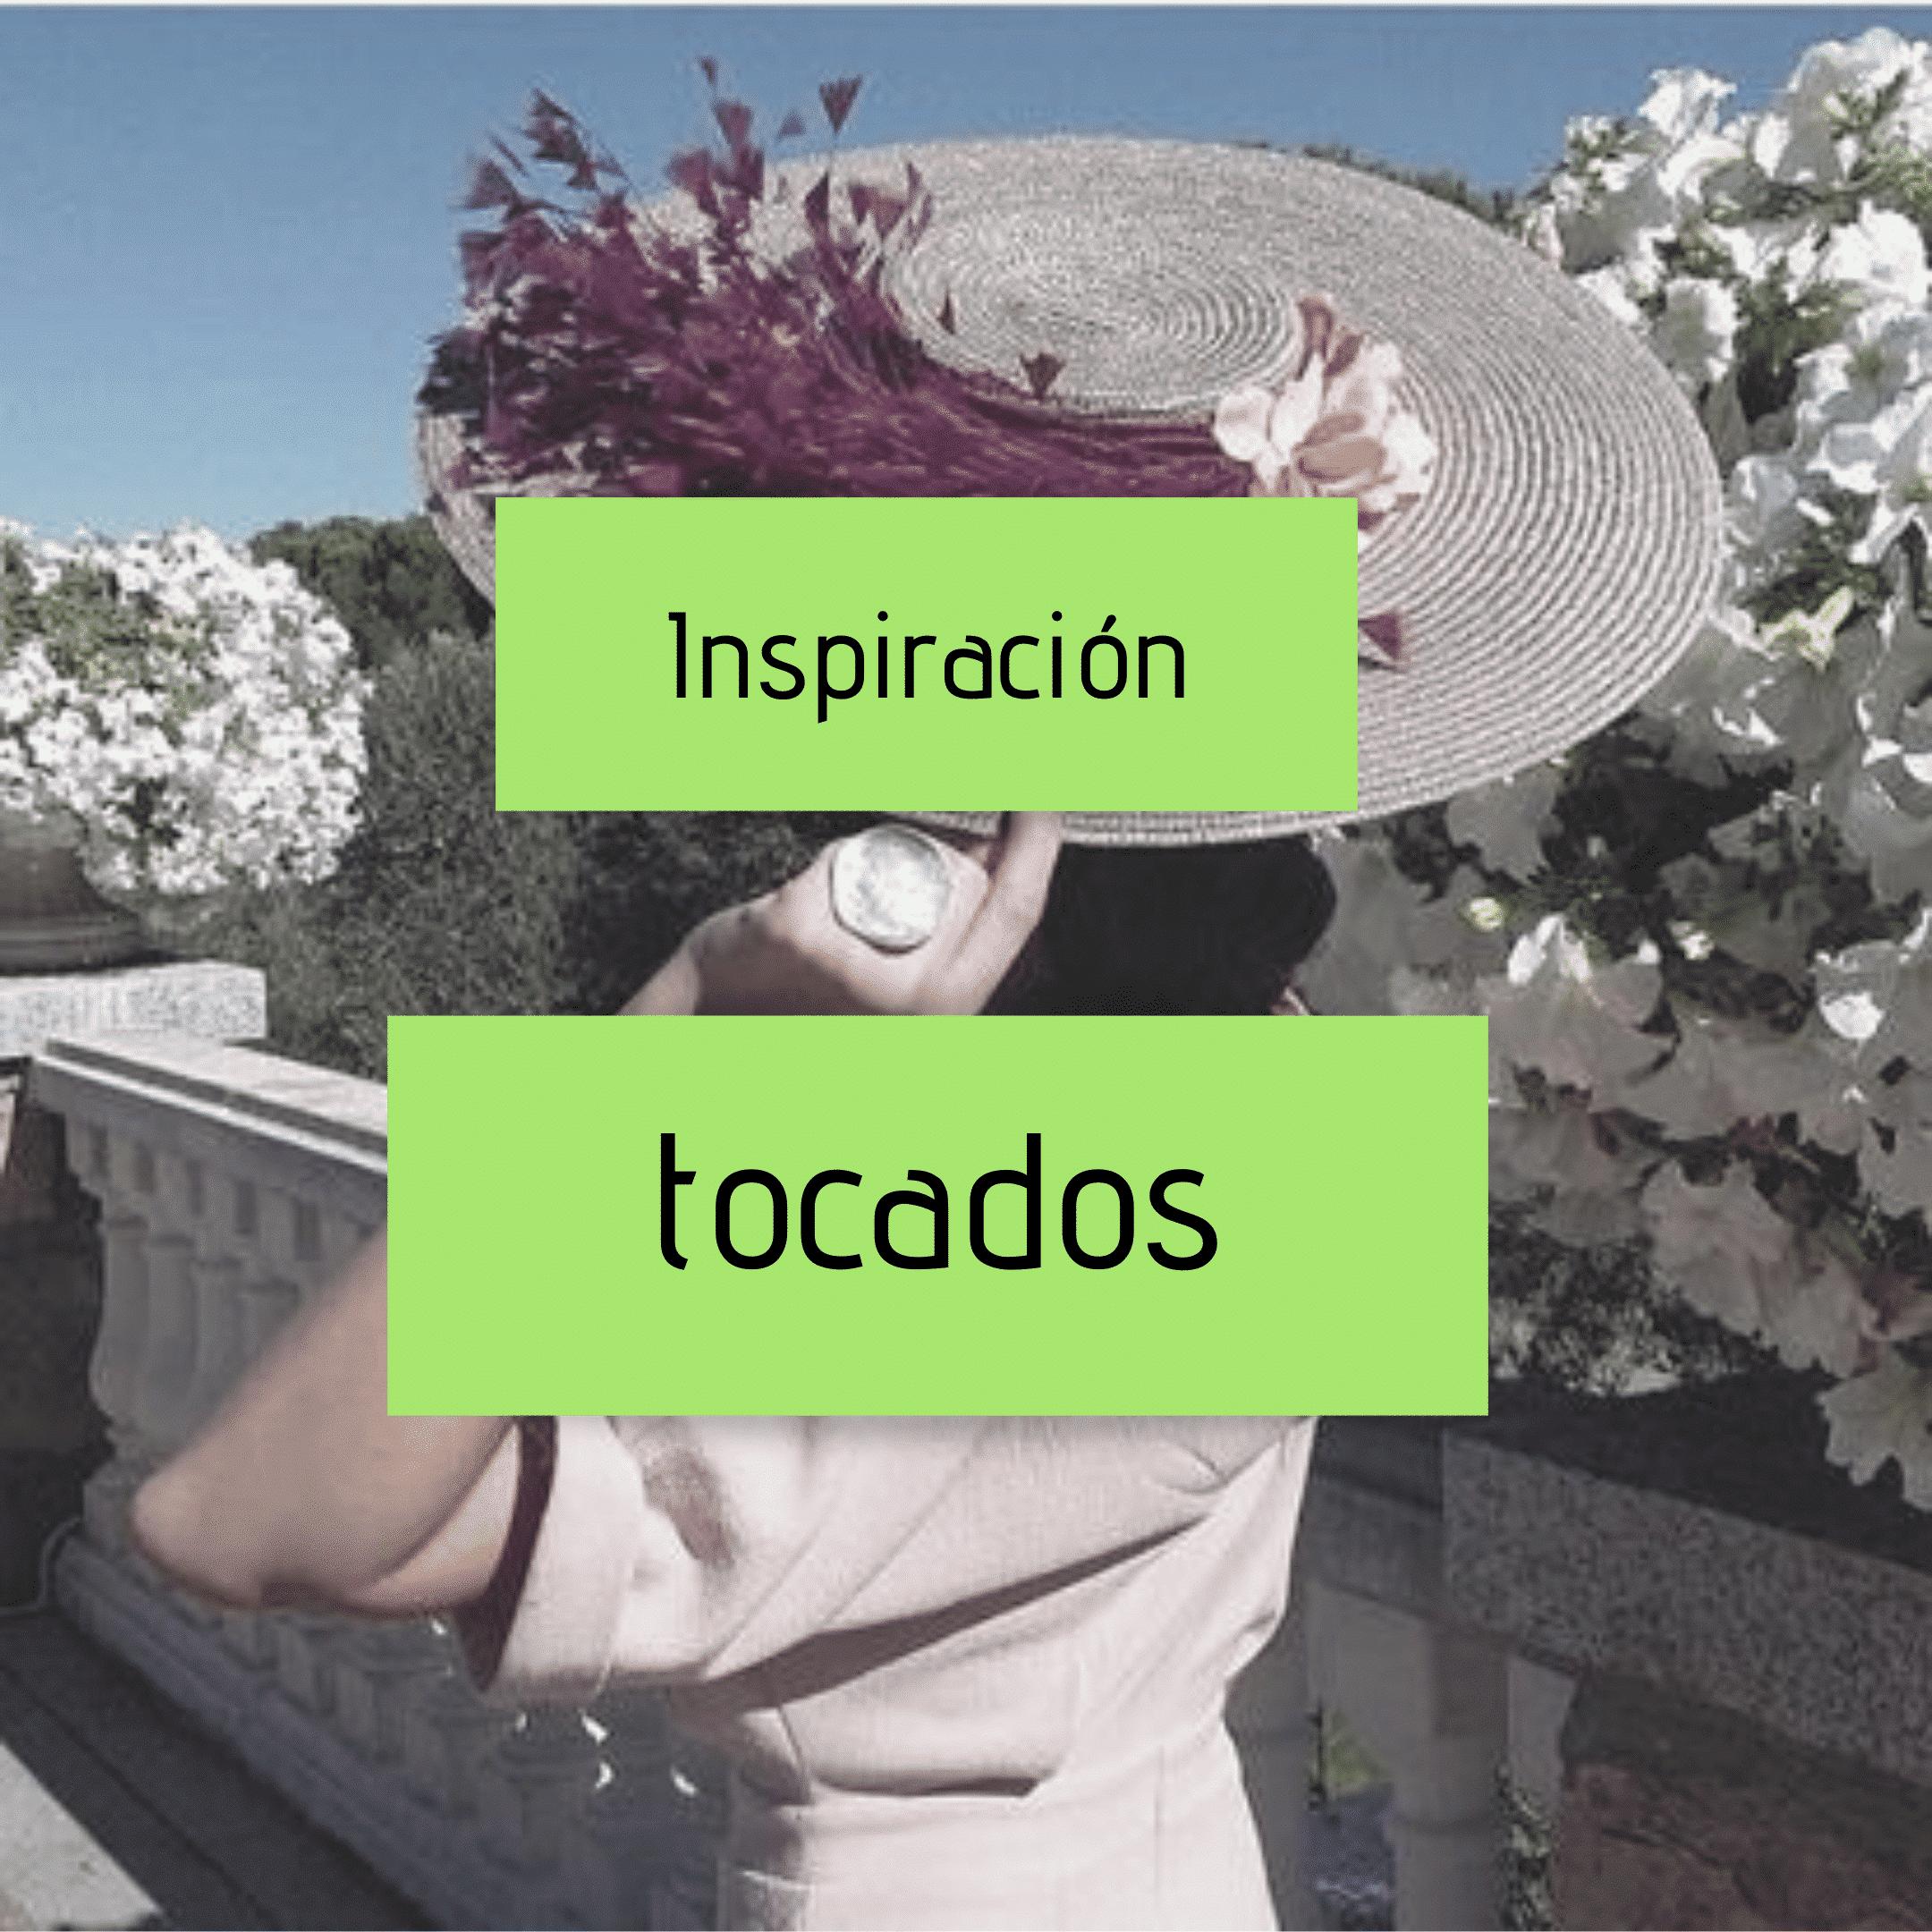 Inspiración tocados